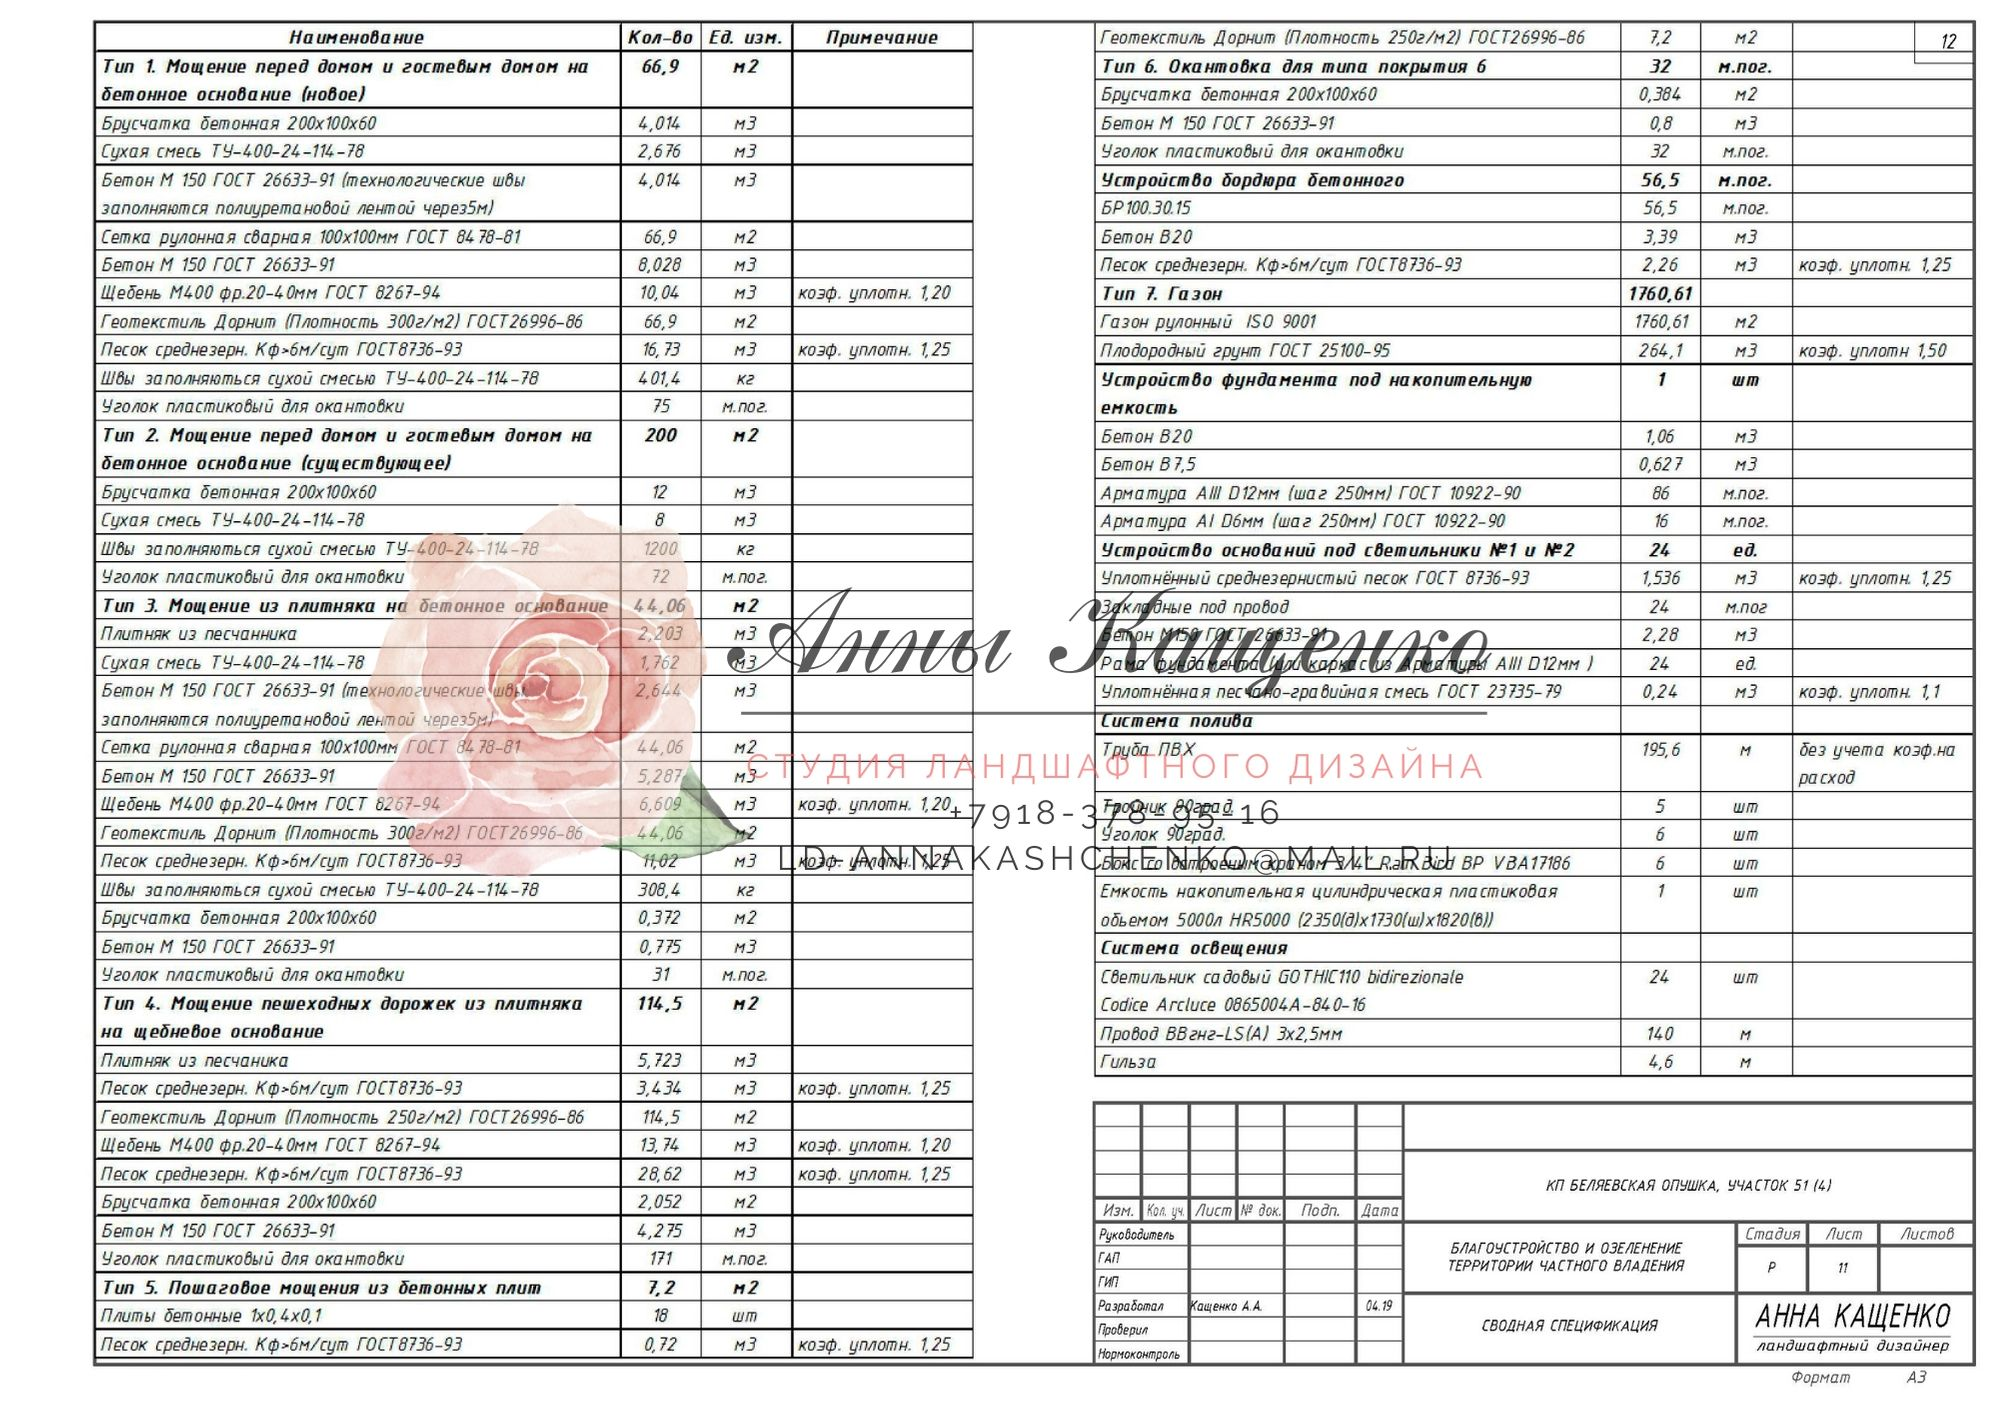 Рабочий проект ЛД. Московская область, 24 сот., часть 3